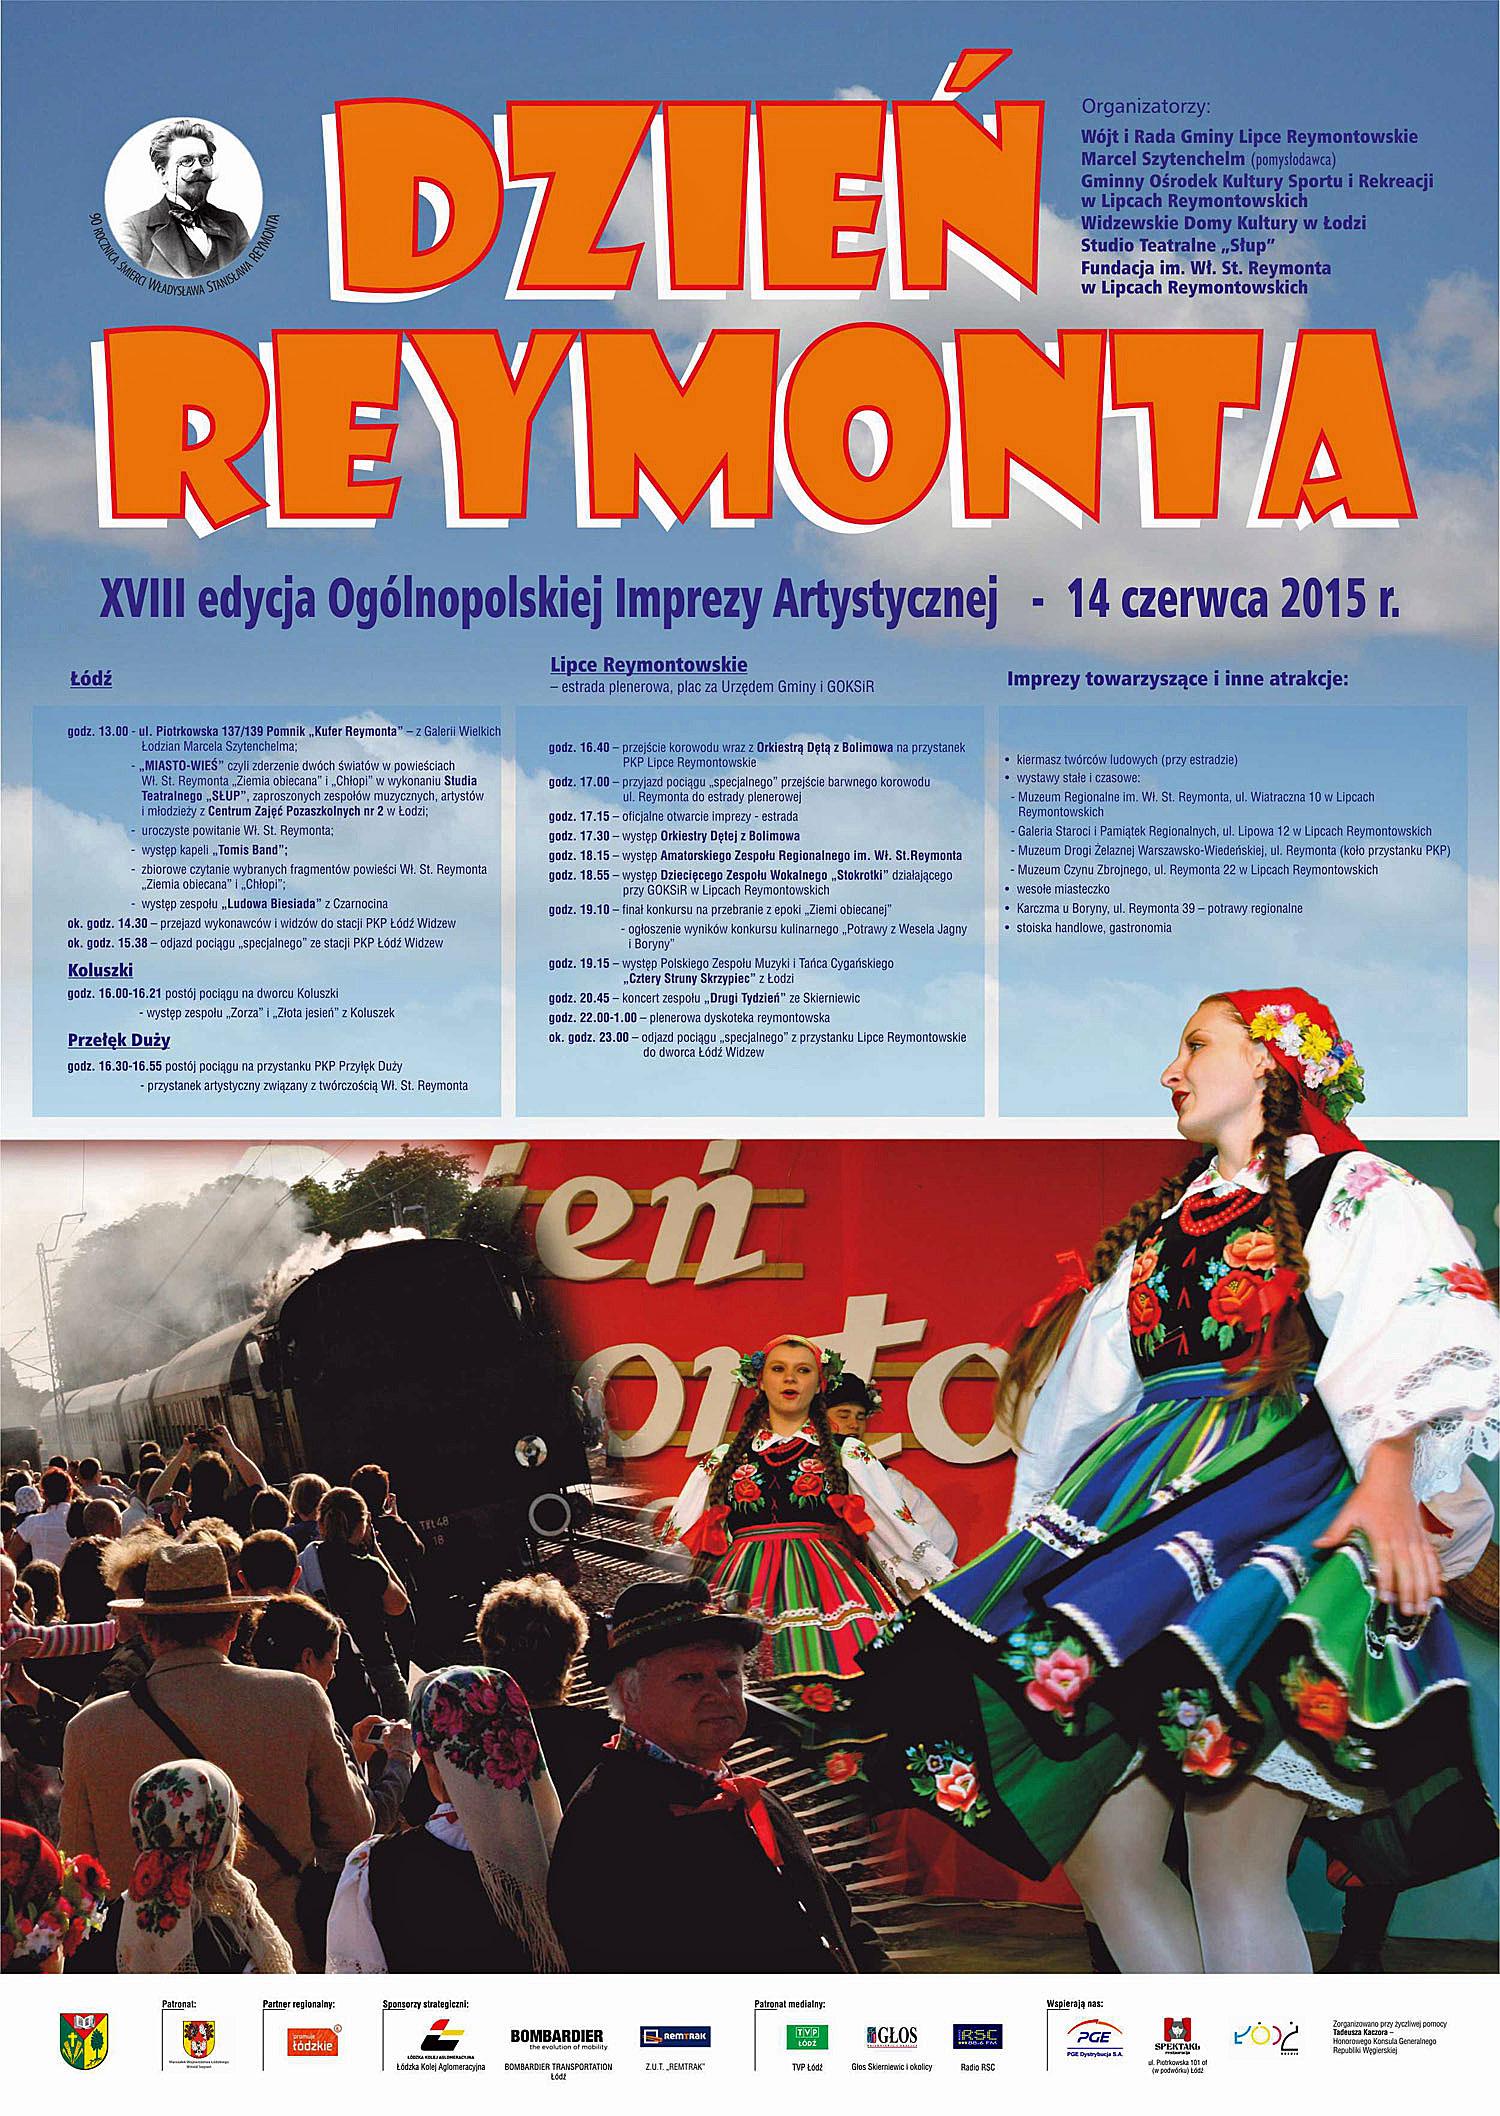 reymont2015